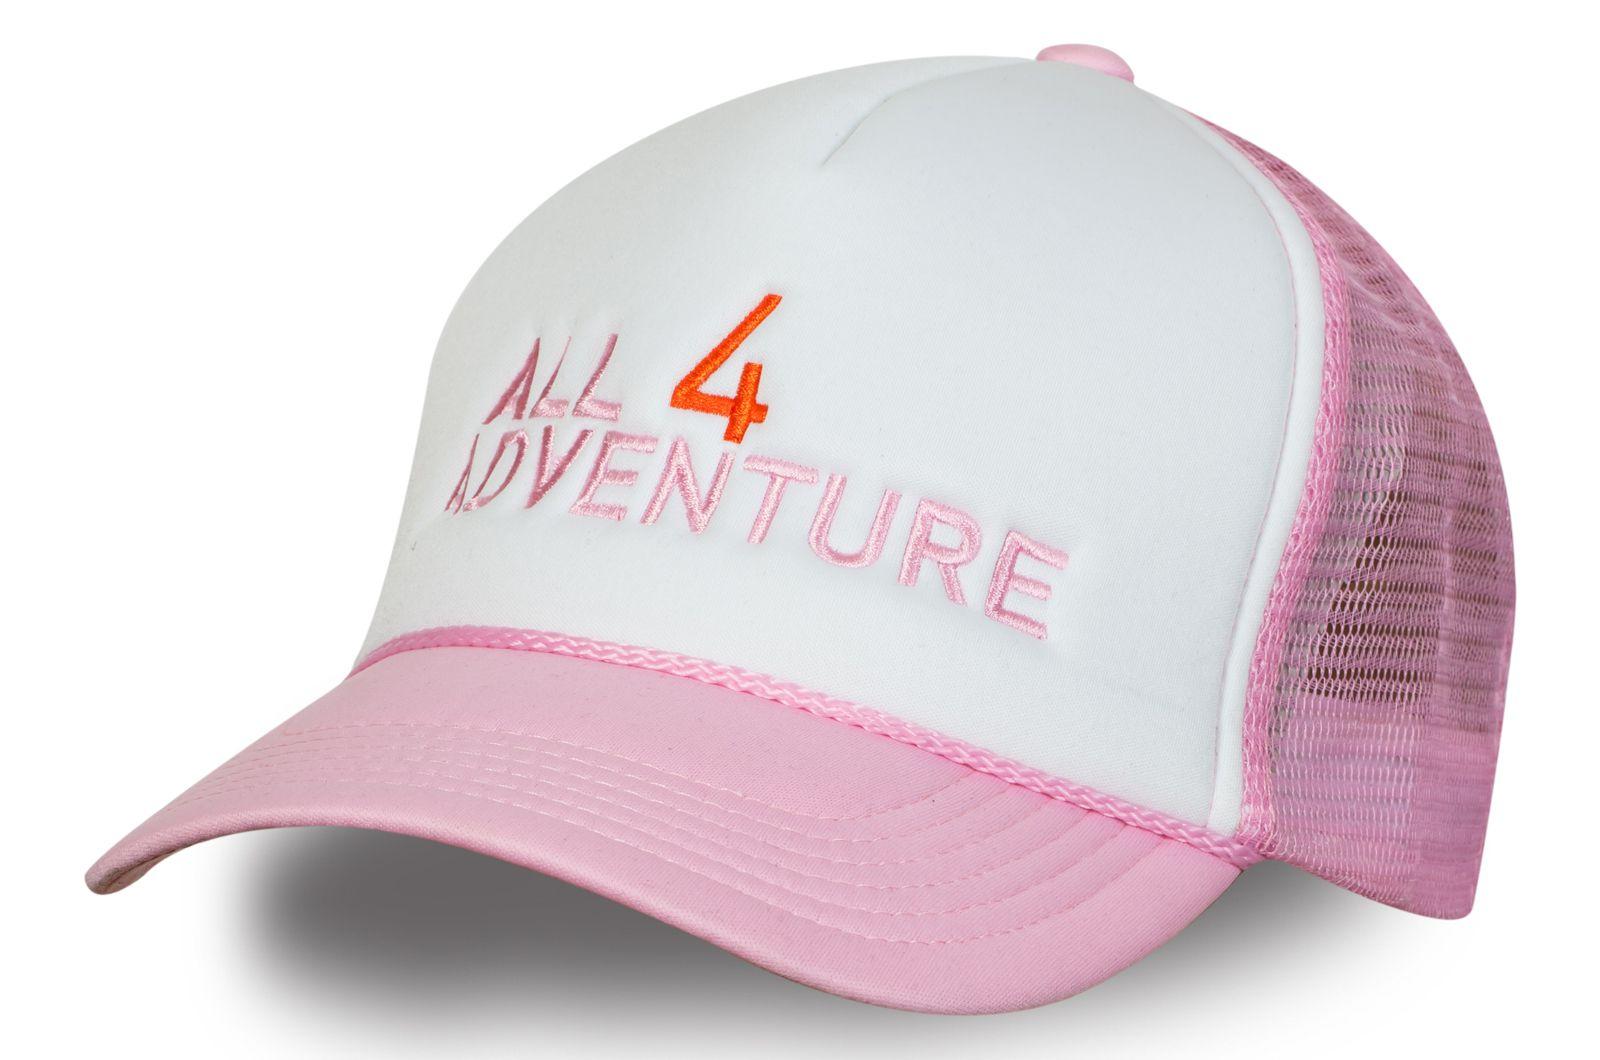 Розовая бейсболка путешественницы | Купить женскую бейсболку